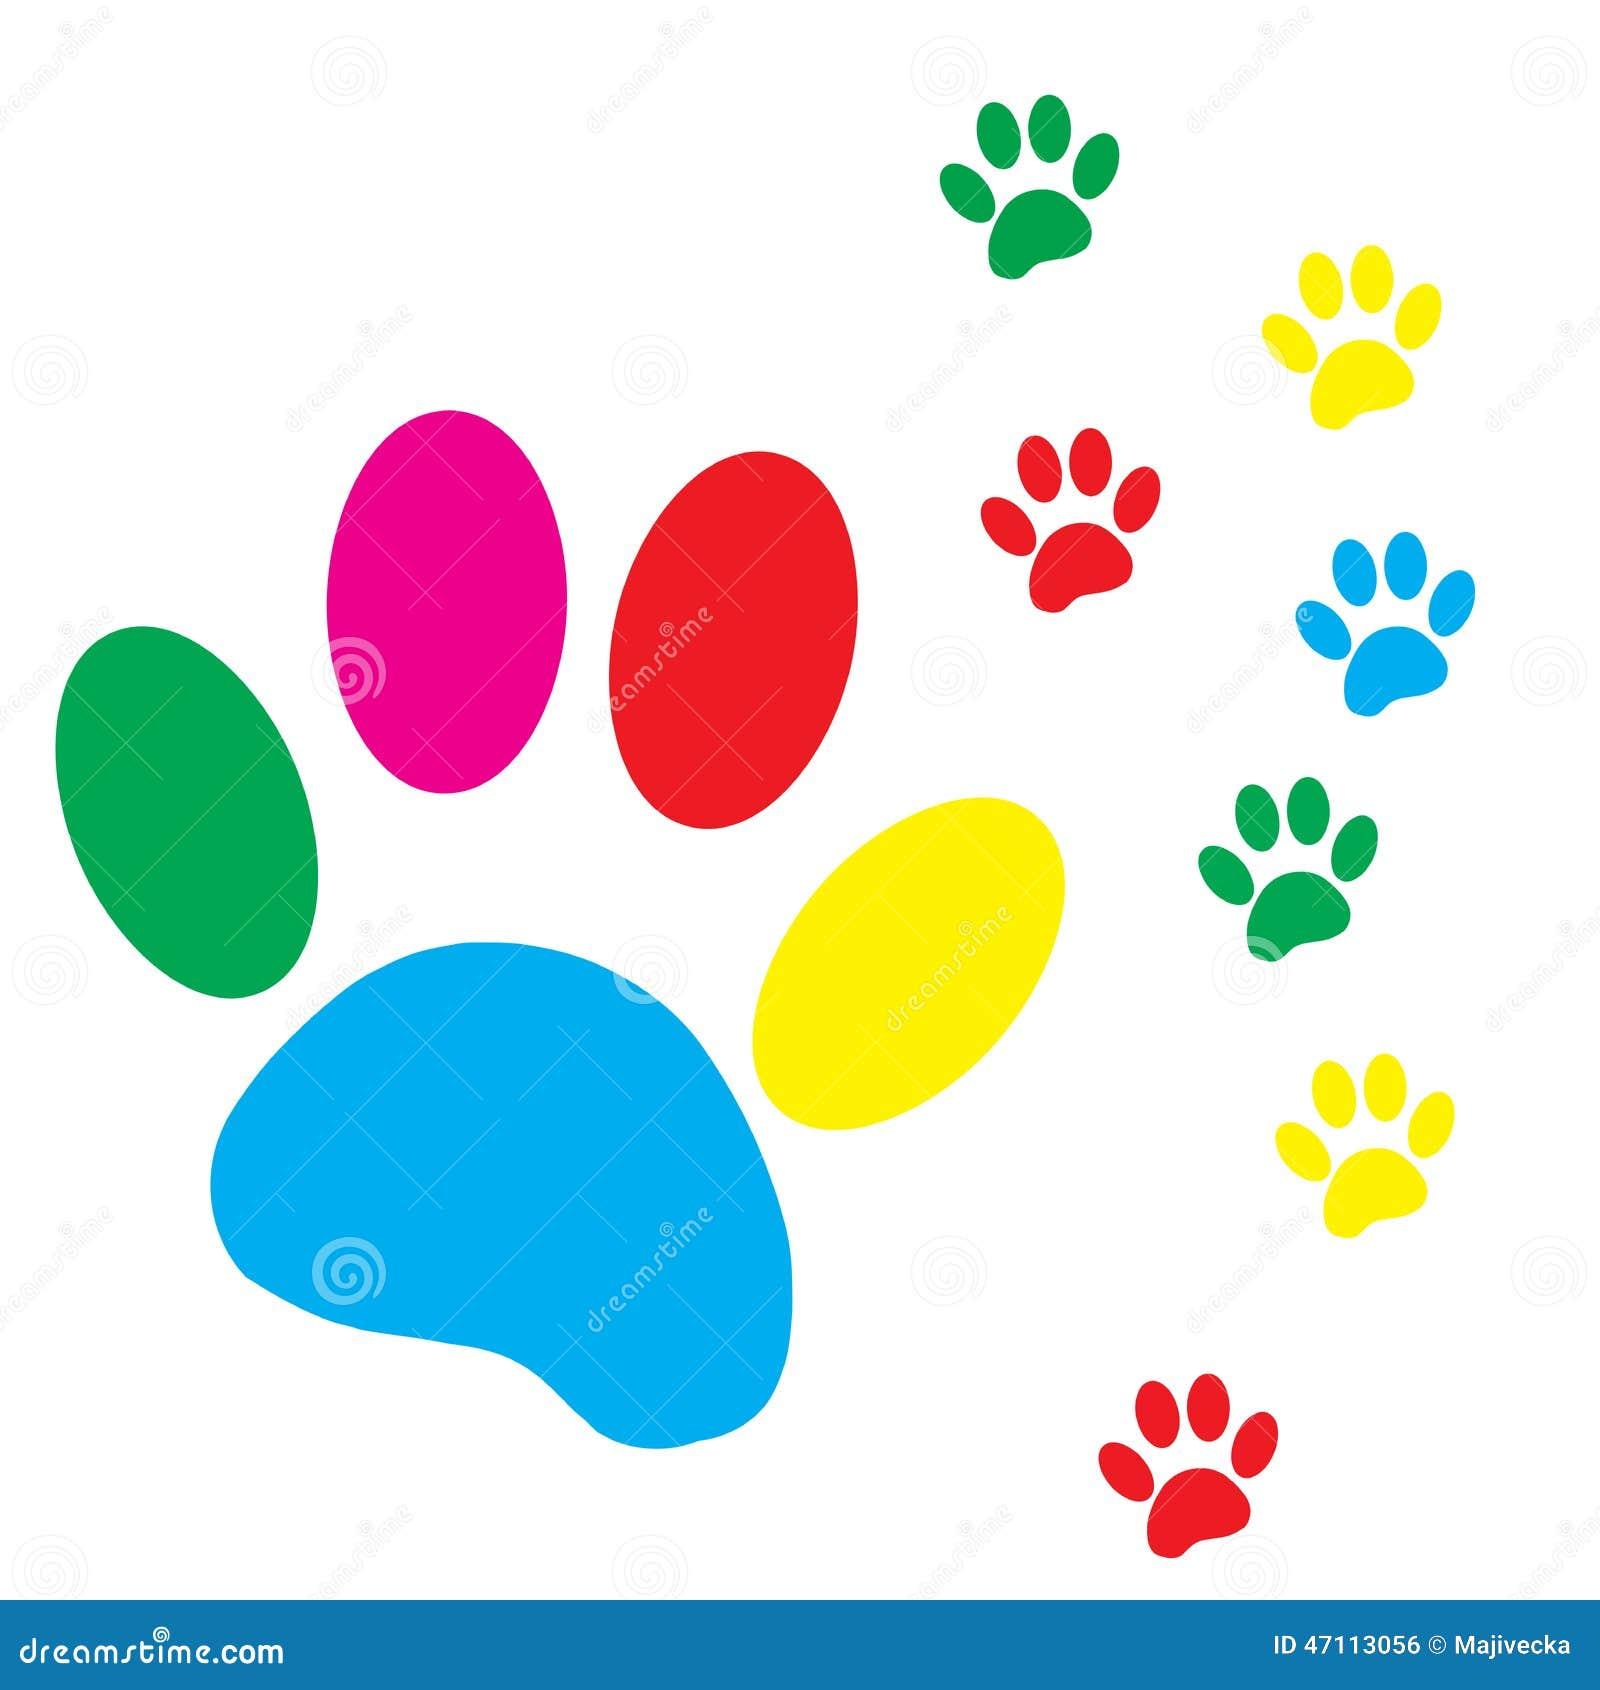 Patte de chien de silhouette de vecteur illustration de - Image patte de chien gratuite ...